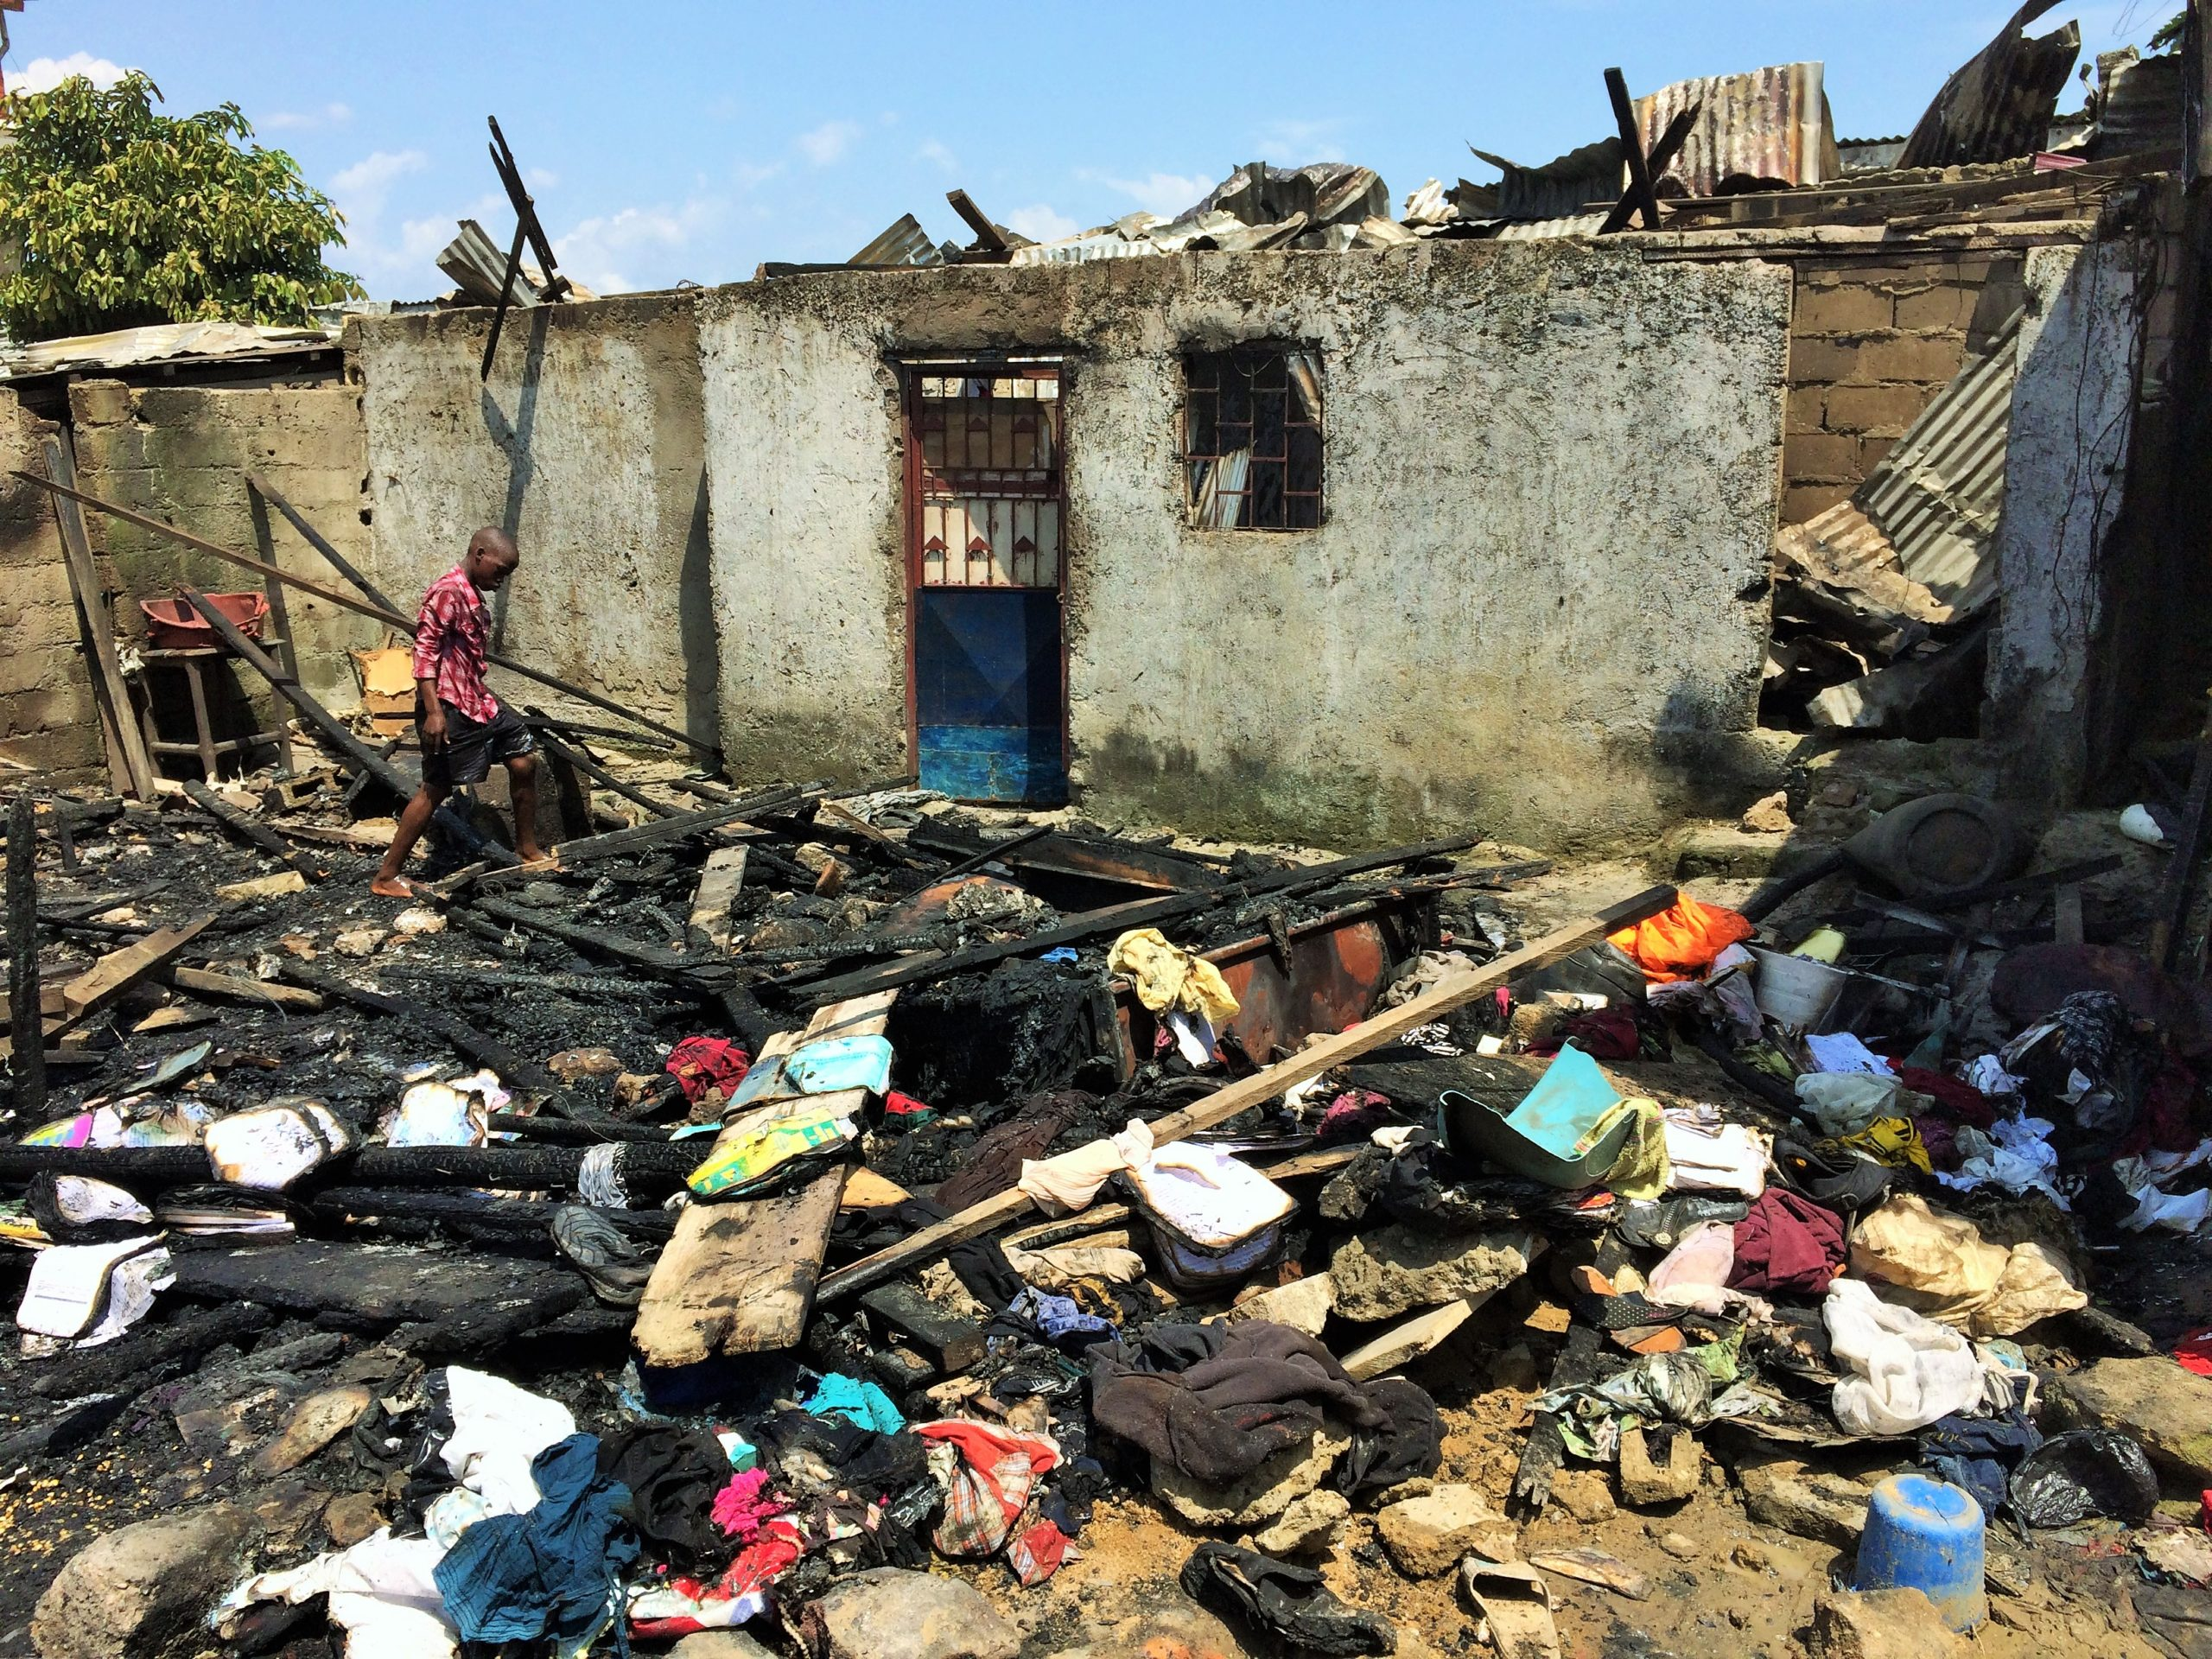 Douala, samedi 10 avril 2021. Un enfanf fouille dans les décombres sur le lieu de l'incendie au quartier Bépanda Omnisports. Crédit Photo: Moustapha Oumarou